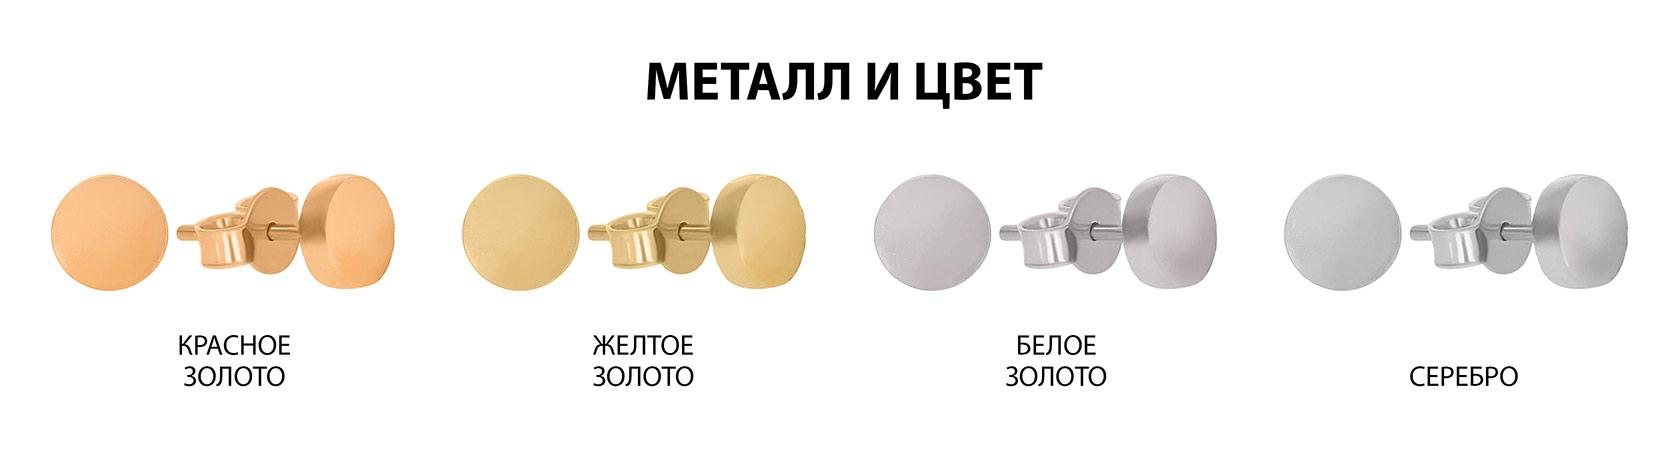 серьги цвет золота красный, белый и желтый